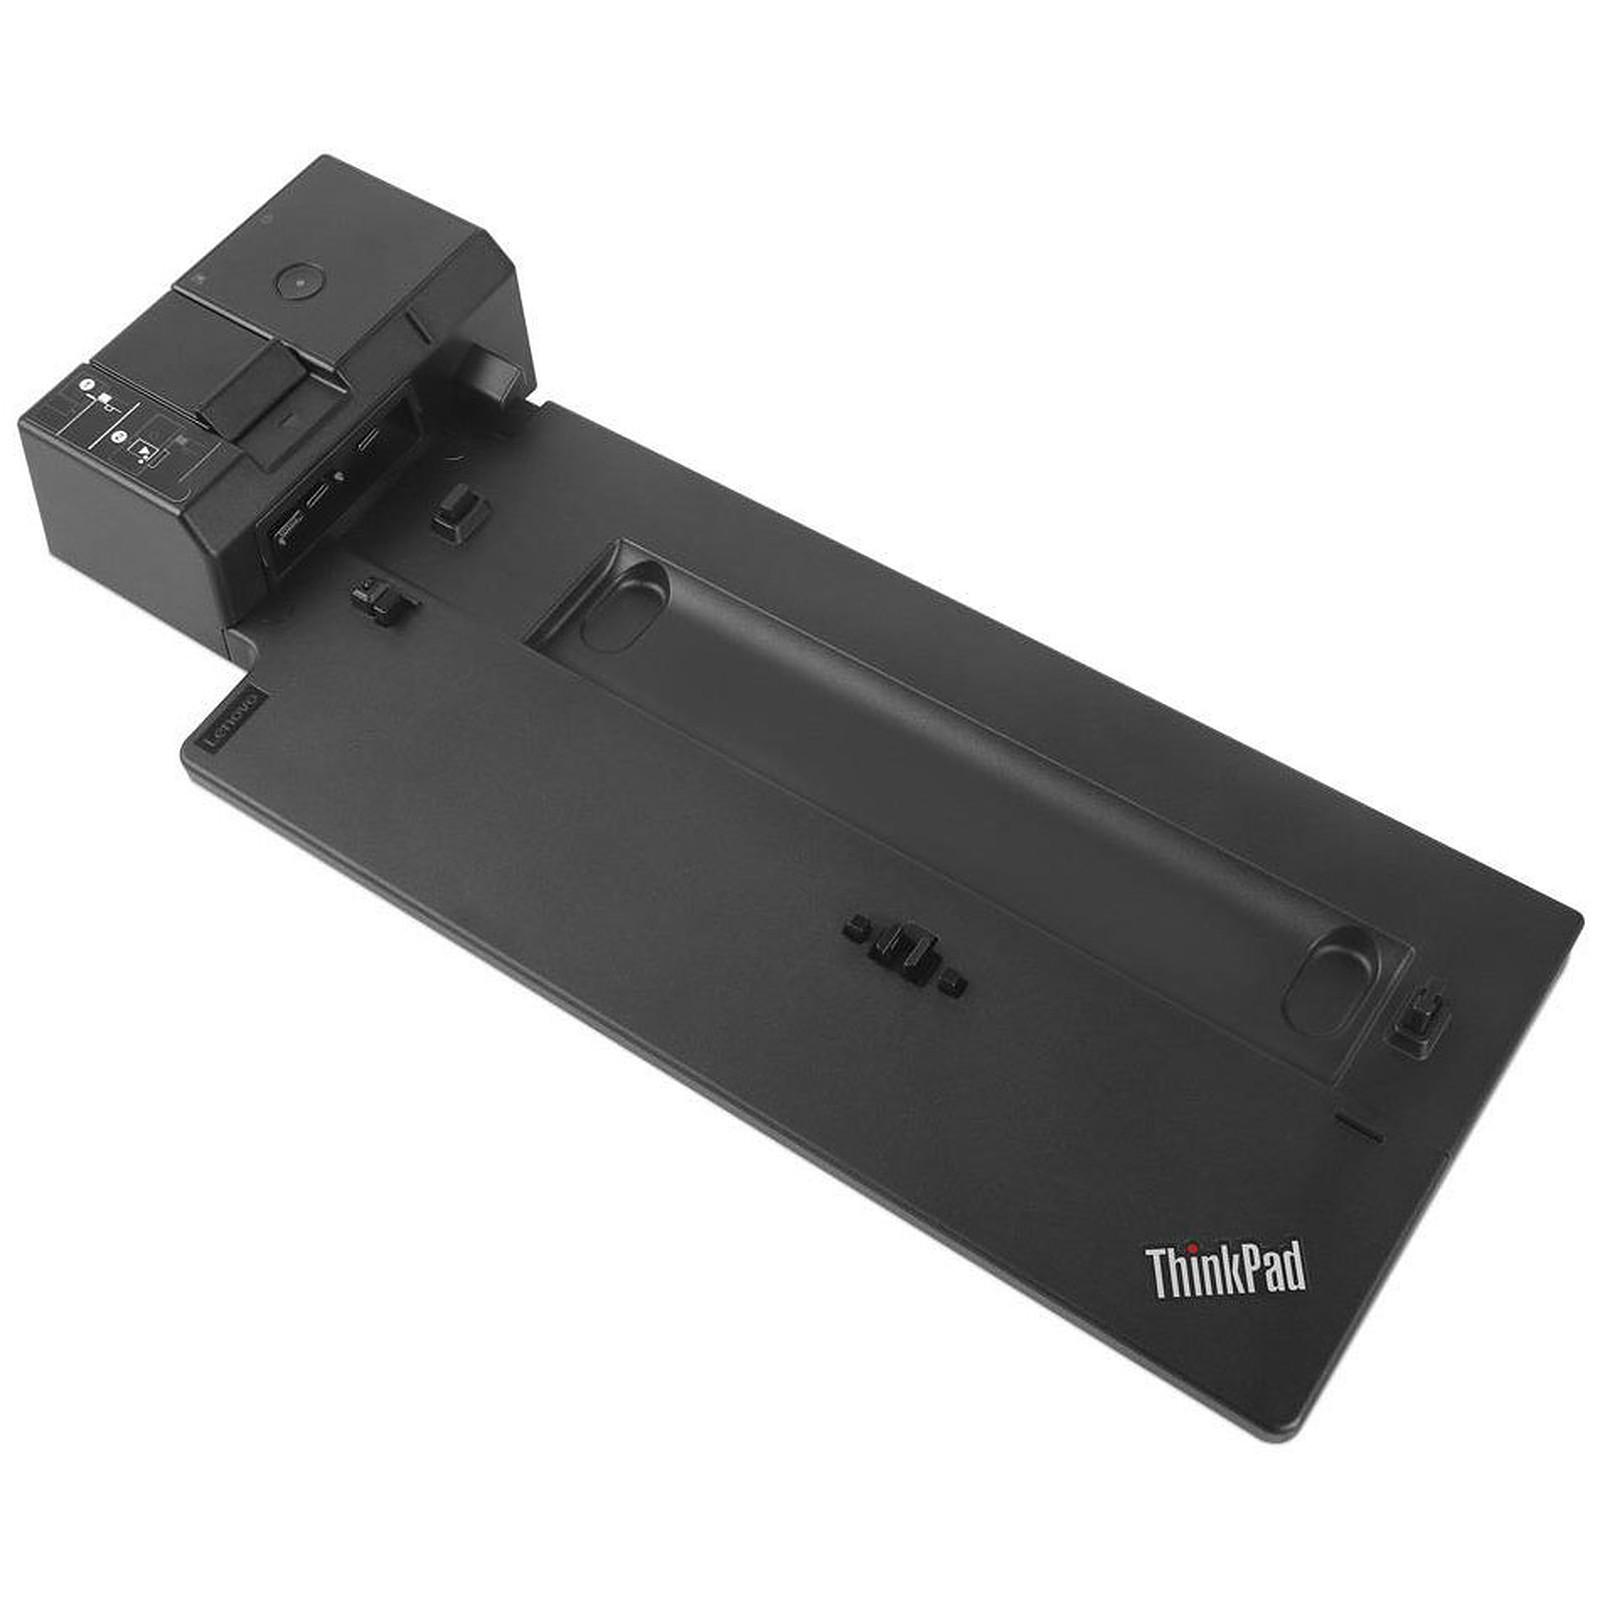 Lenovo ThinkPad Basic Docking Station (40AG0090EU)